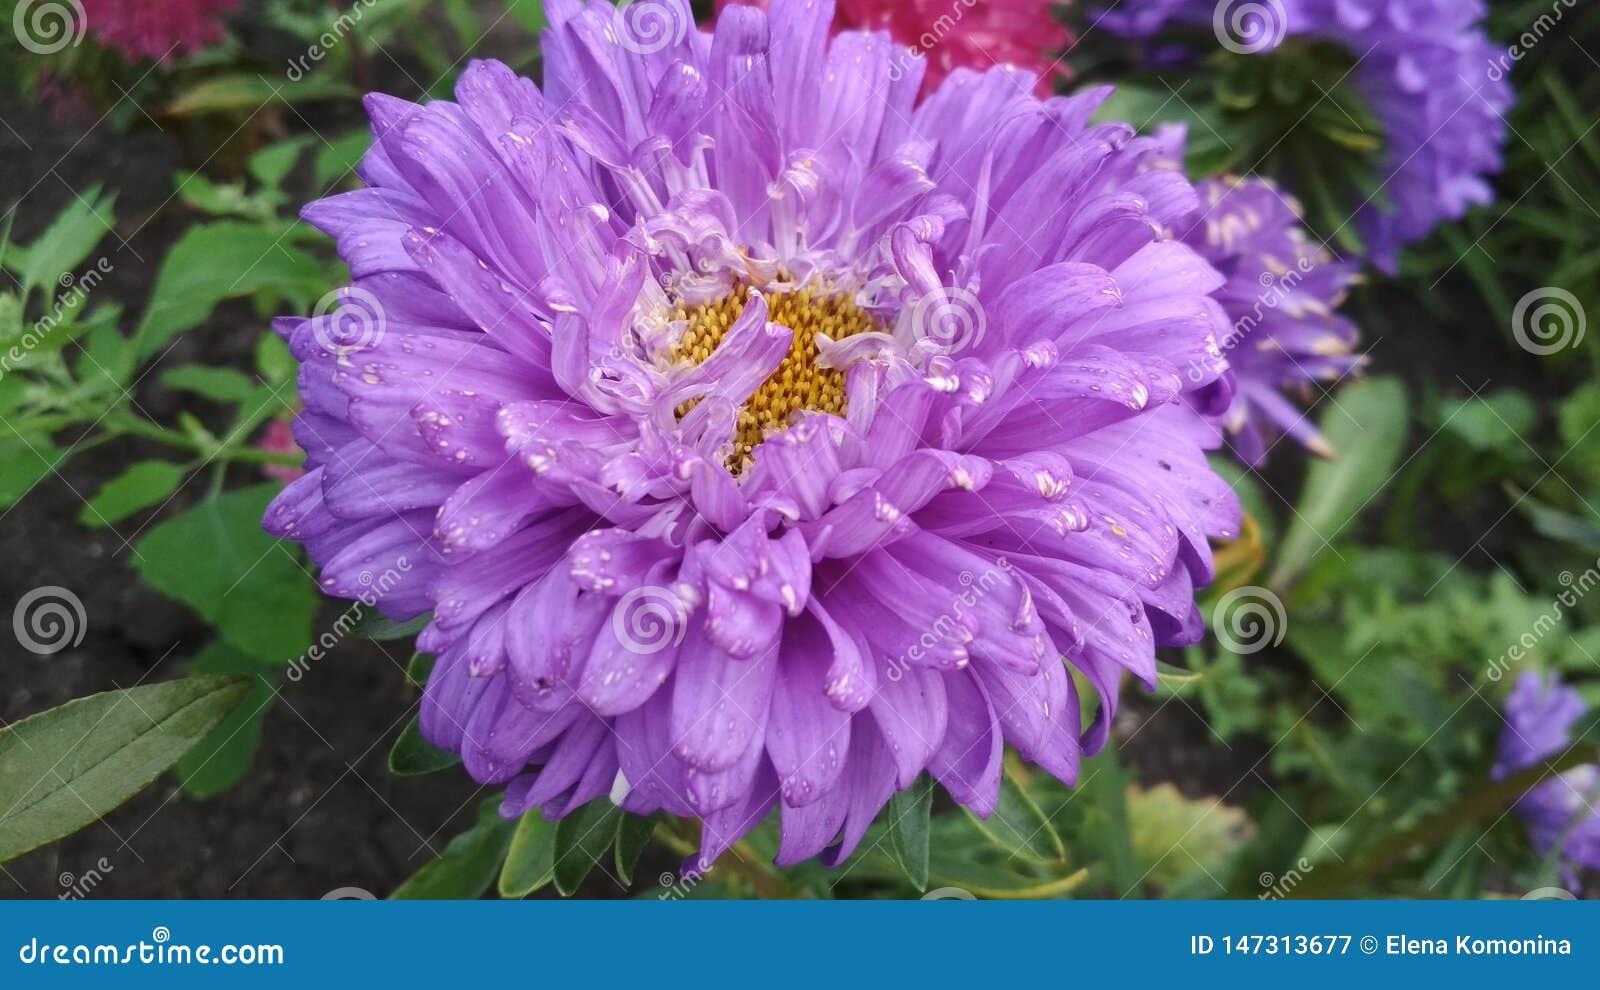 Фото цветка астры Terry